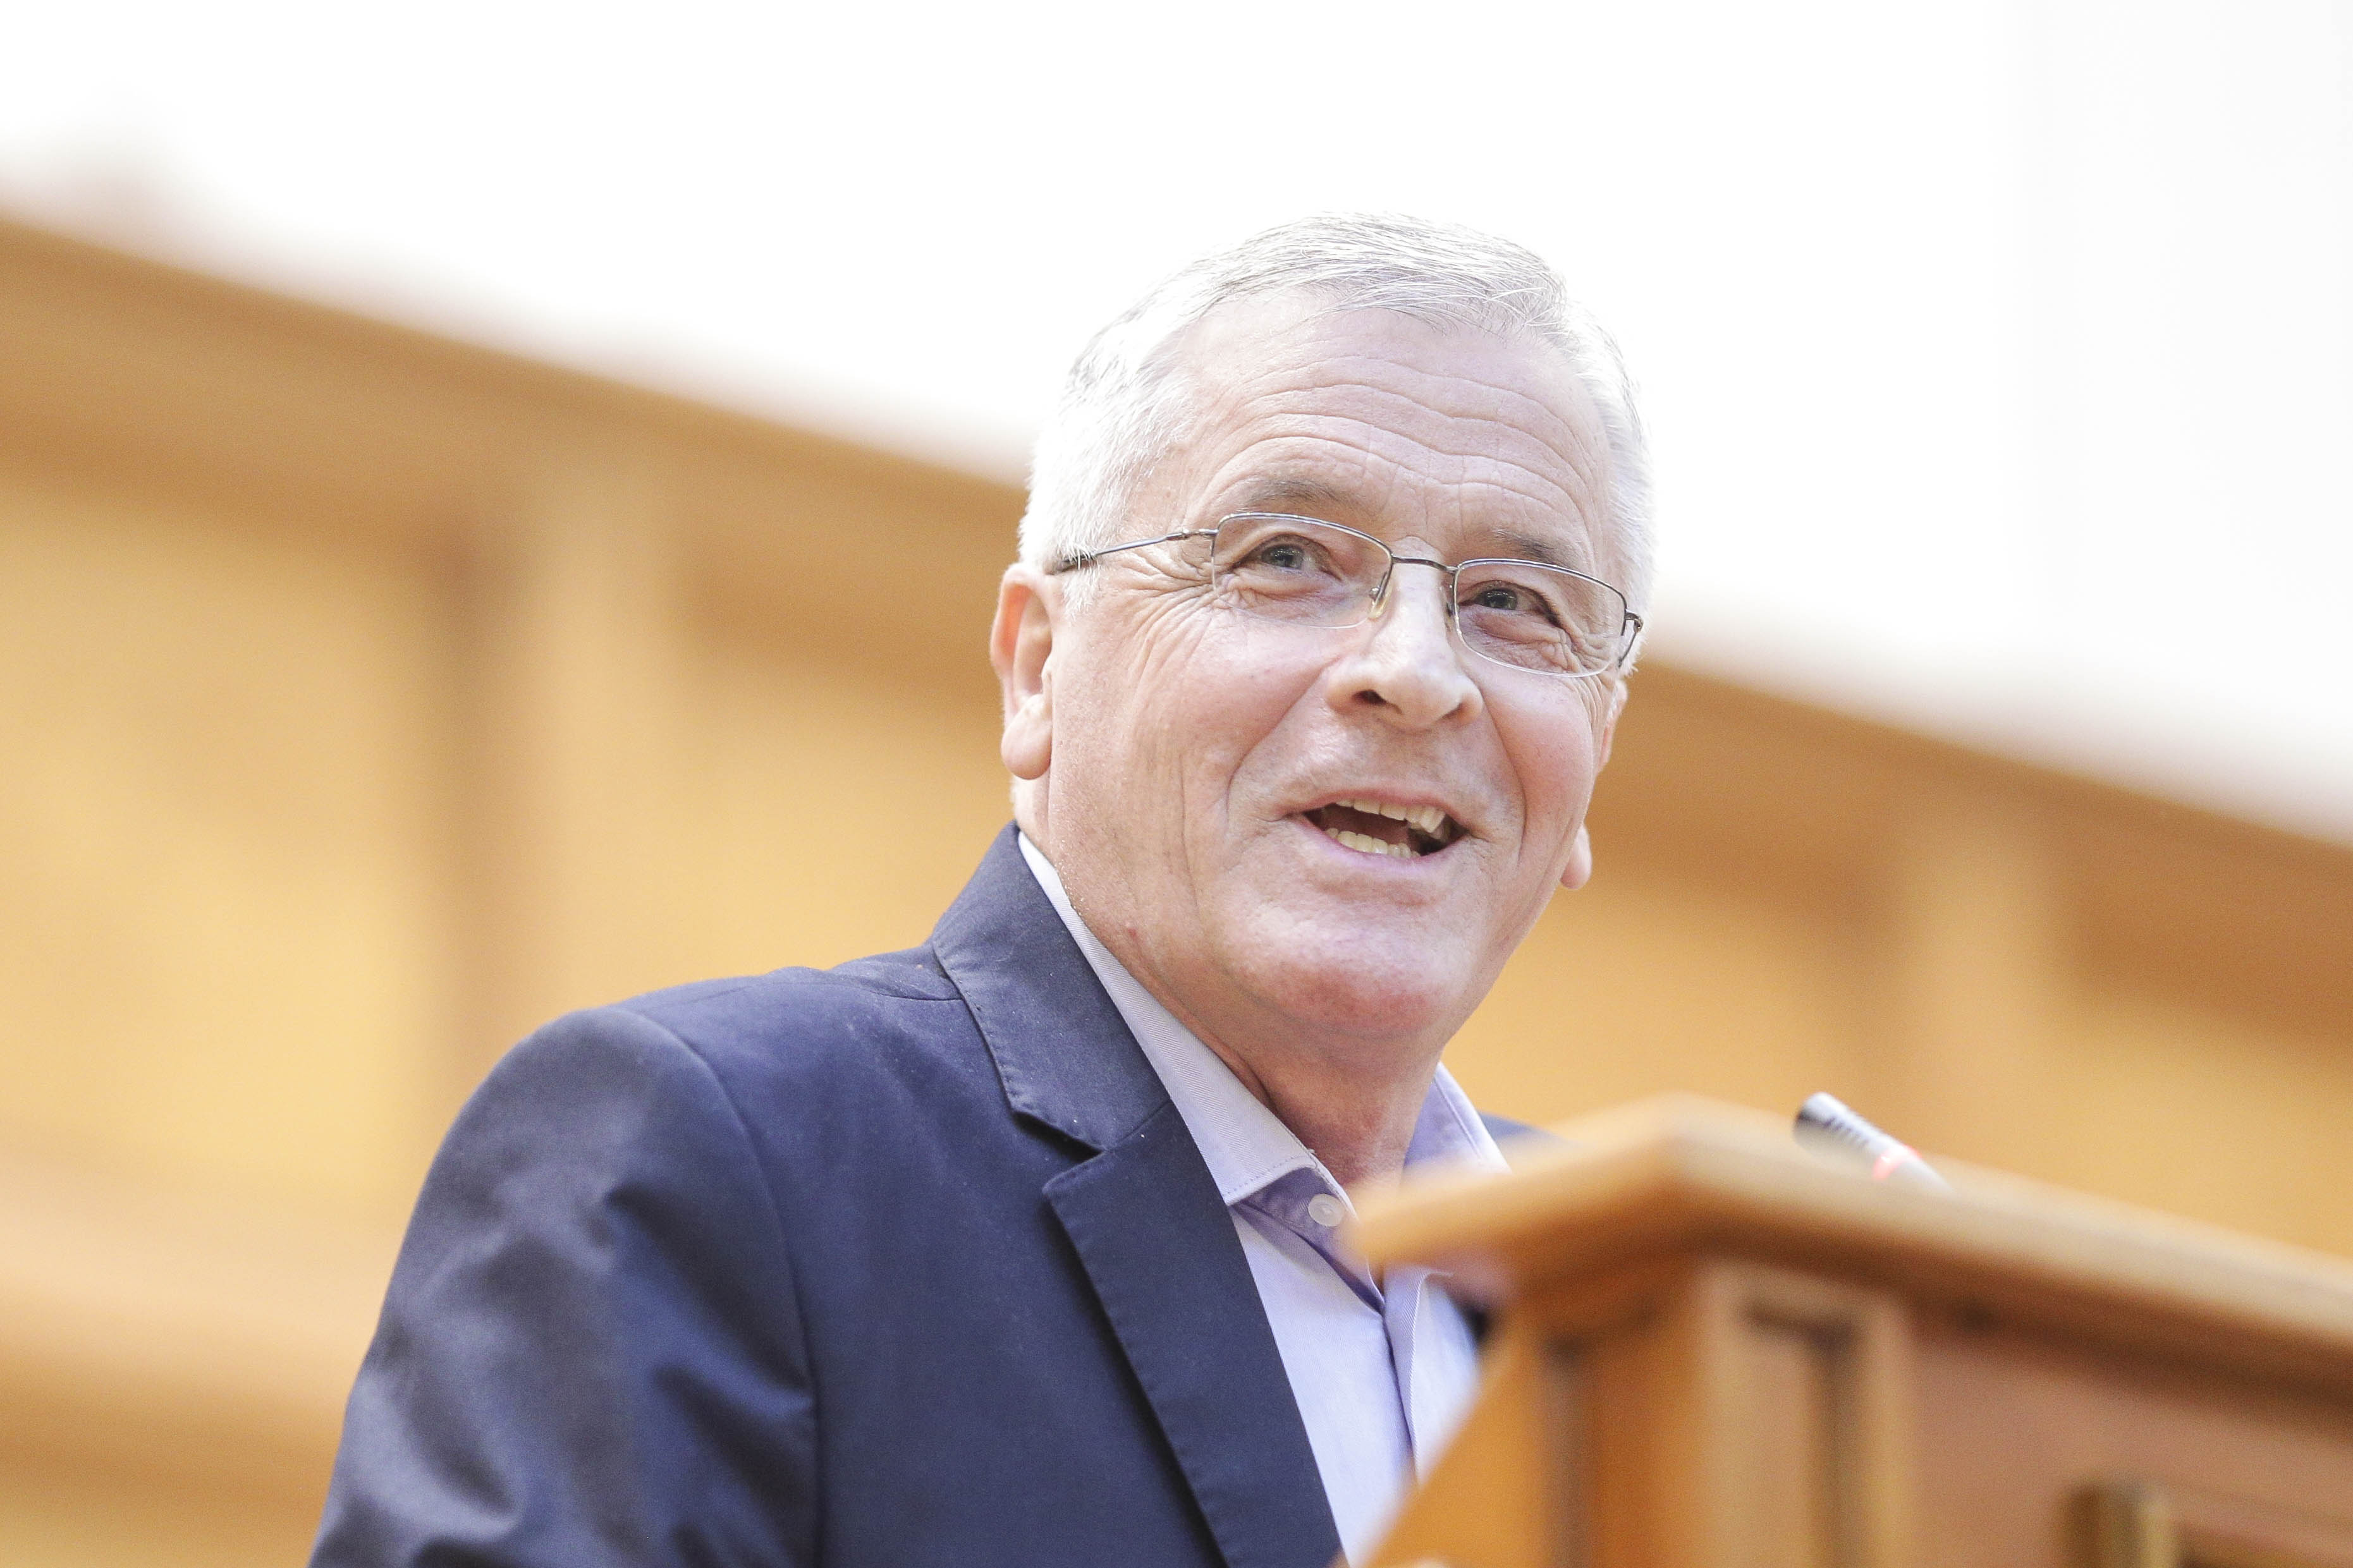 Fostul deputat PSD Ioan Munteanu, condamnat la 6 ani de închisoare. Pentru ce a cerut mită 400.000 de euro